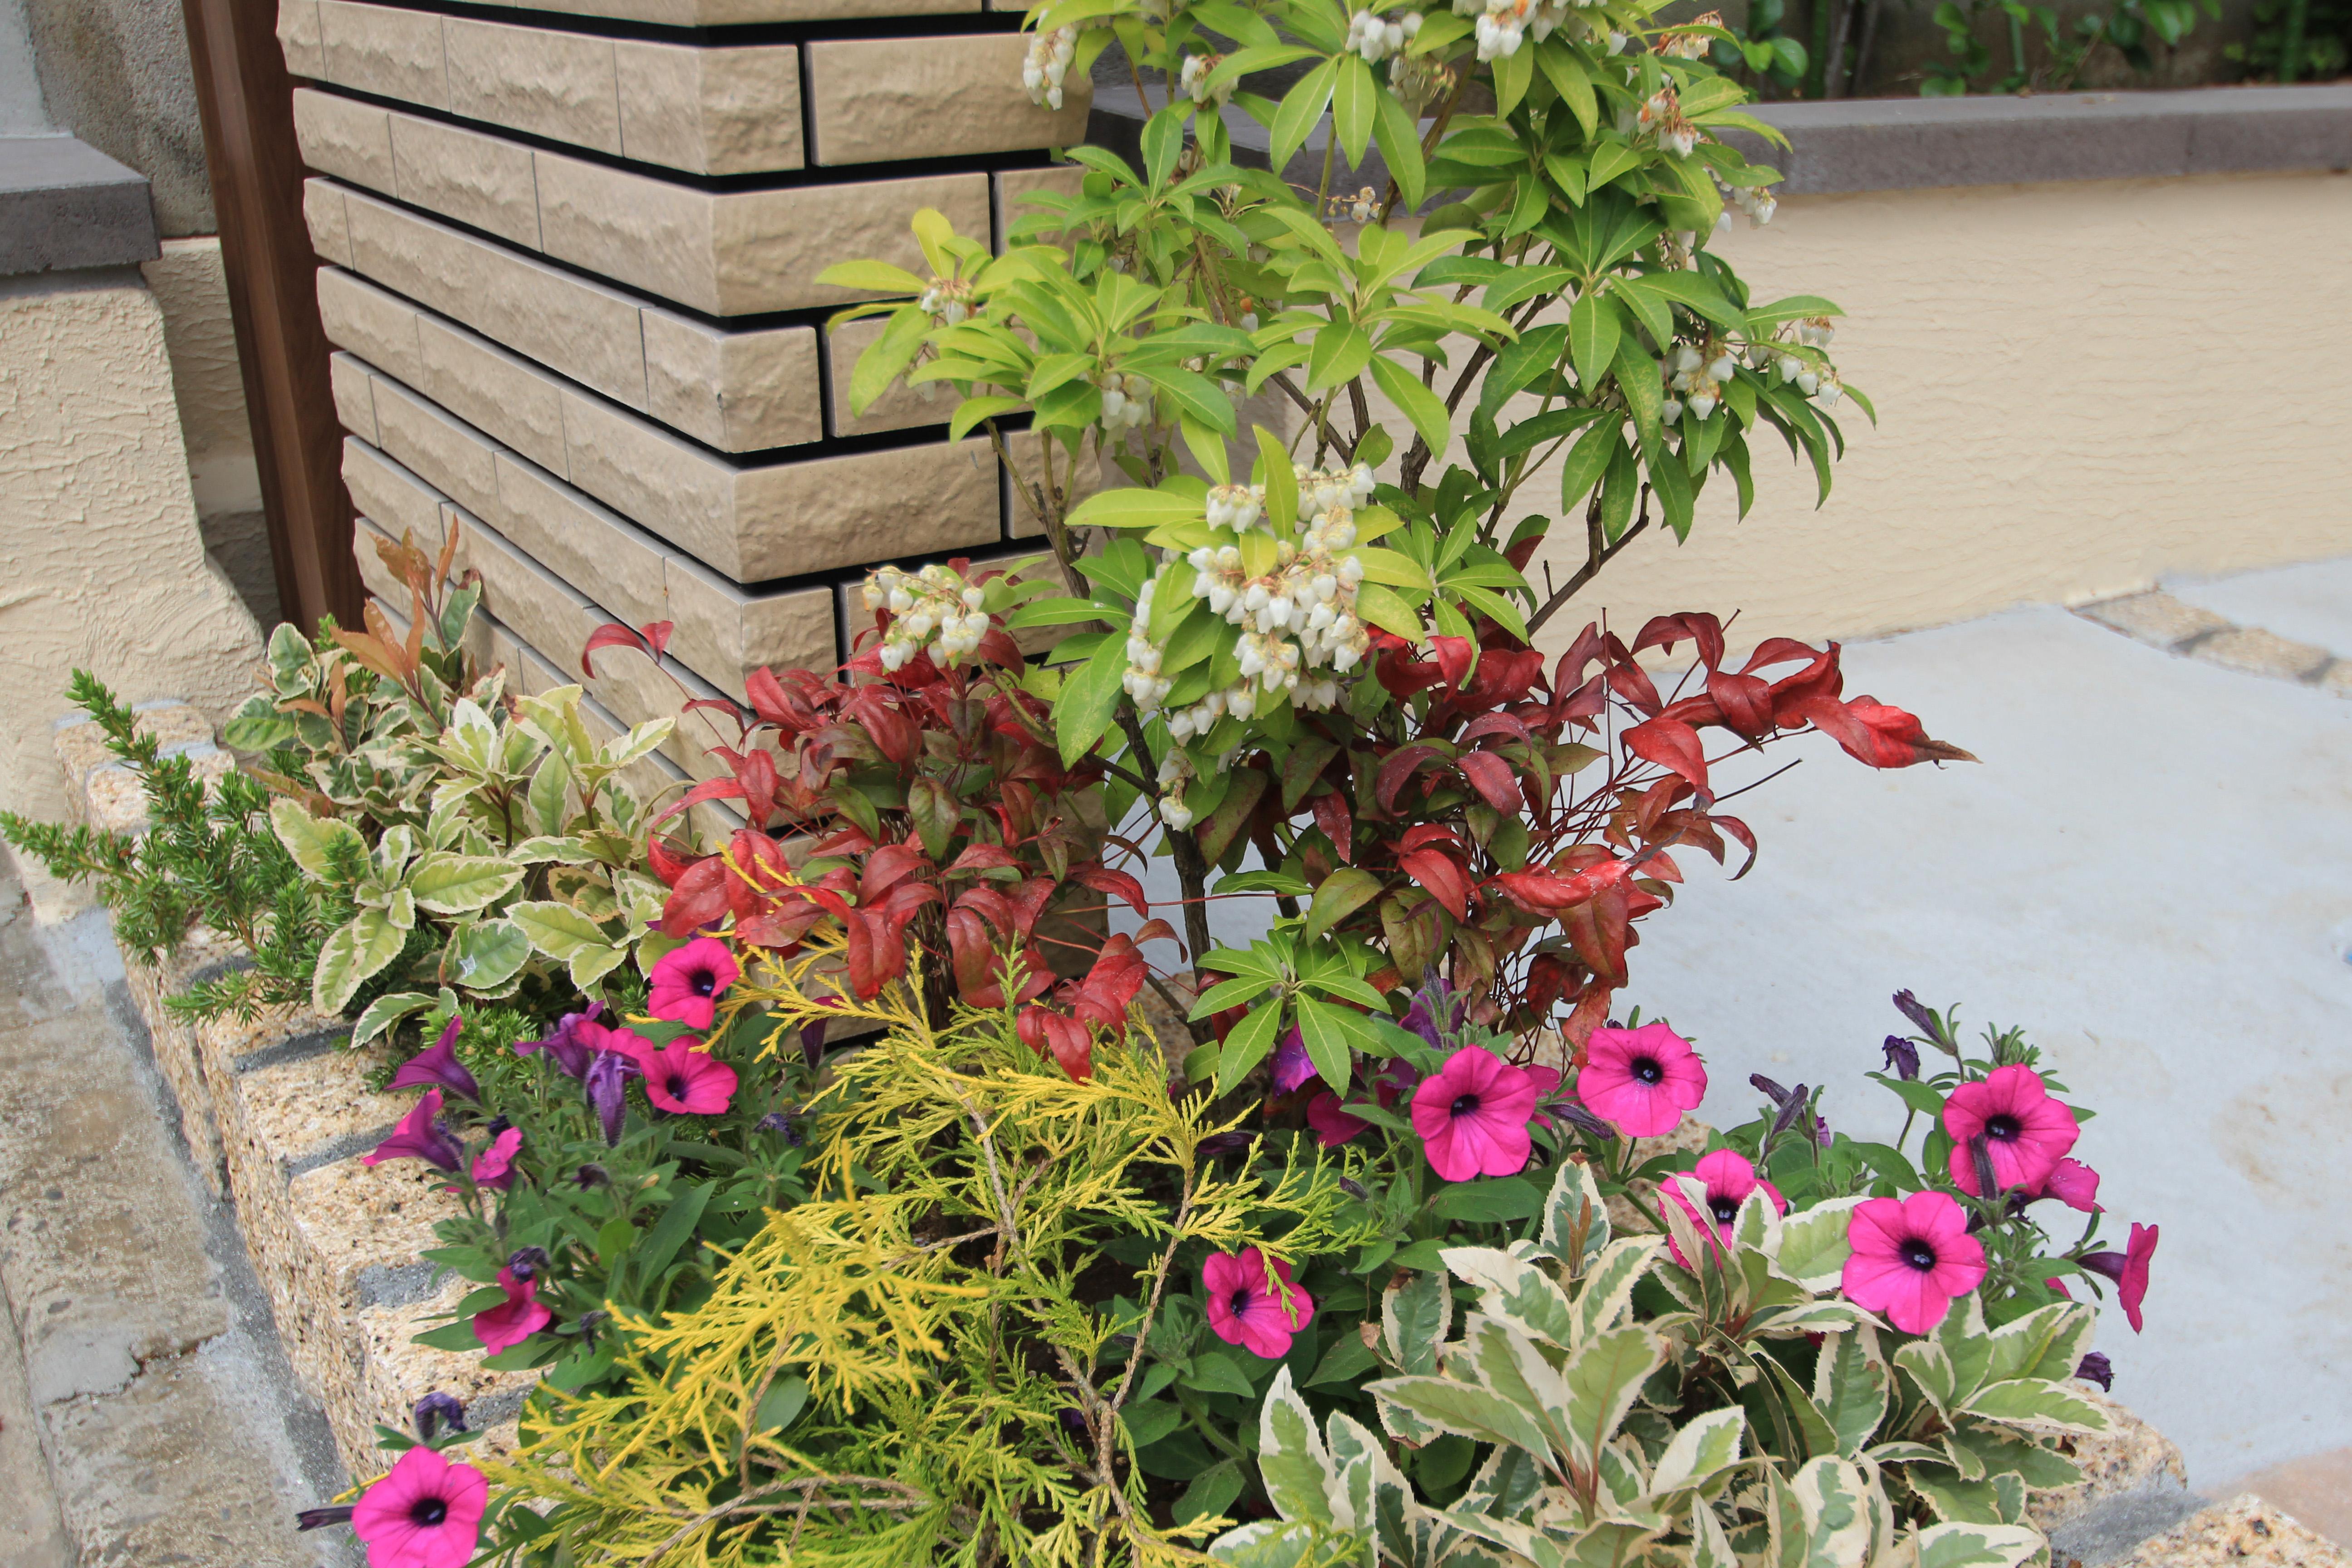 船橋市にて。<br>おしゃれな花壇と石貼りのアプローチ。12